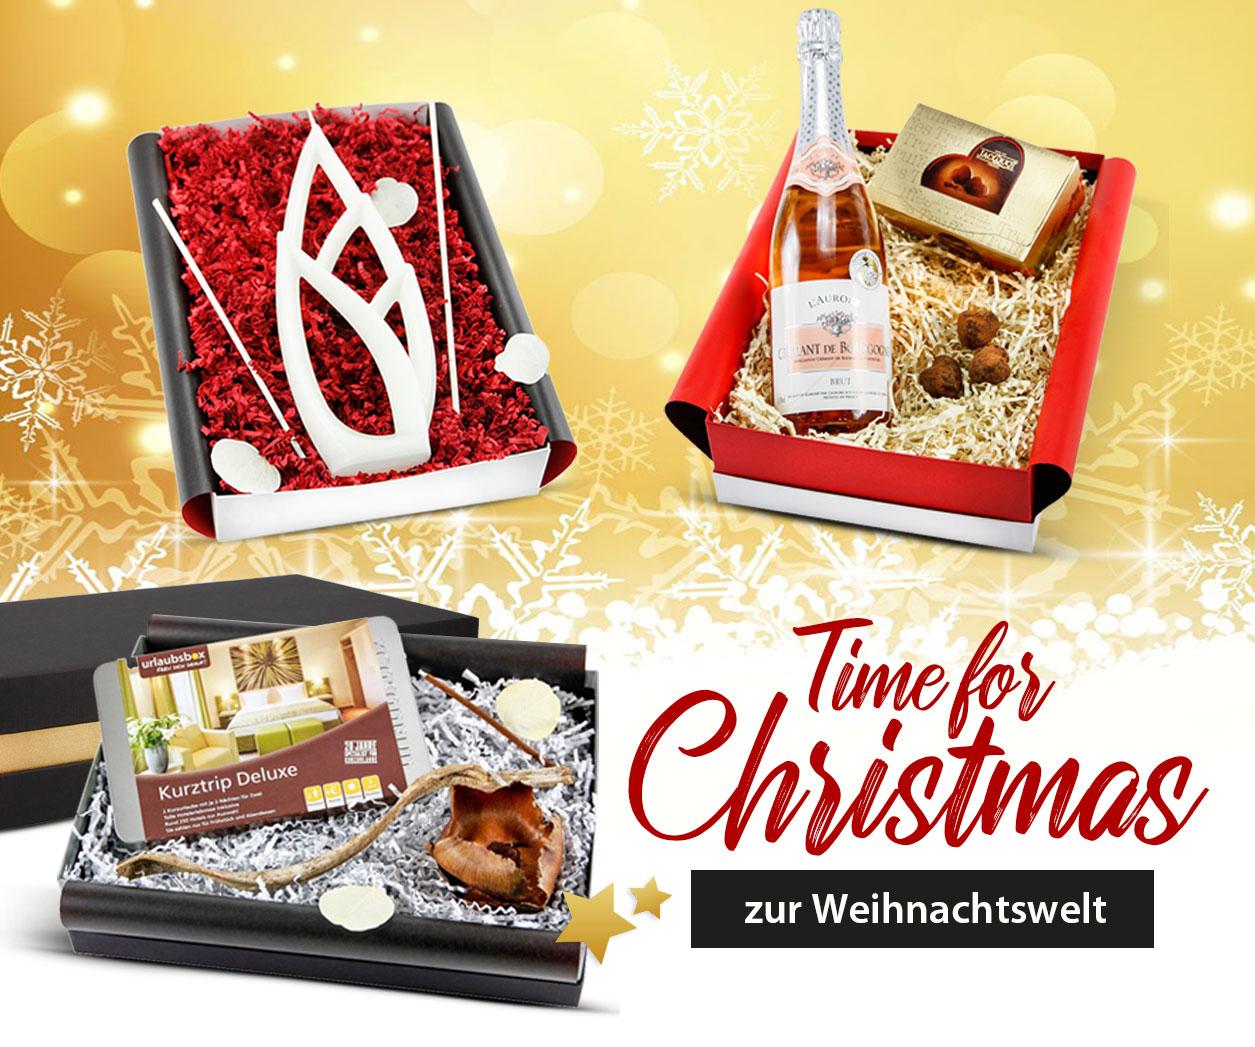 Weihnachtsgeschenke | Geschenkideen von ideas in boxes - ideas in ...